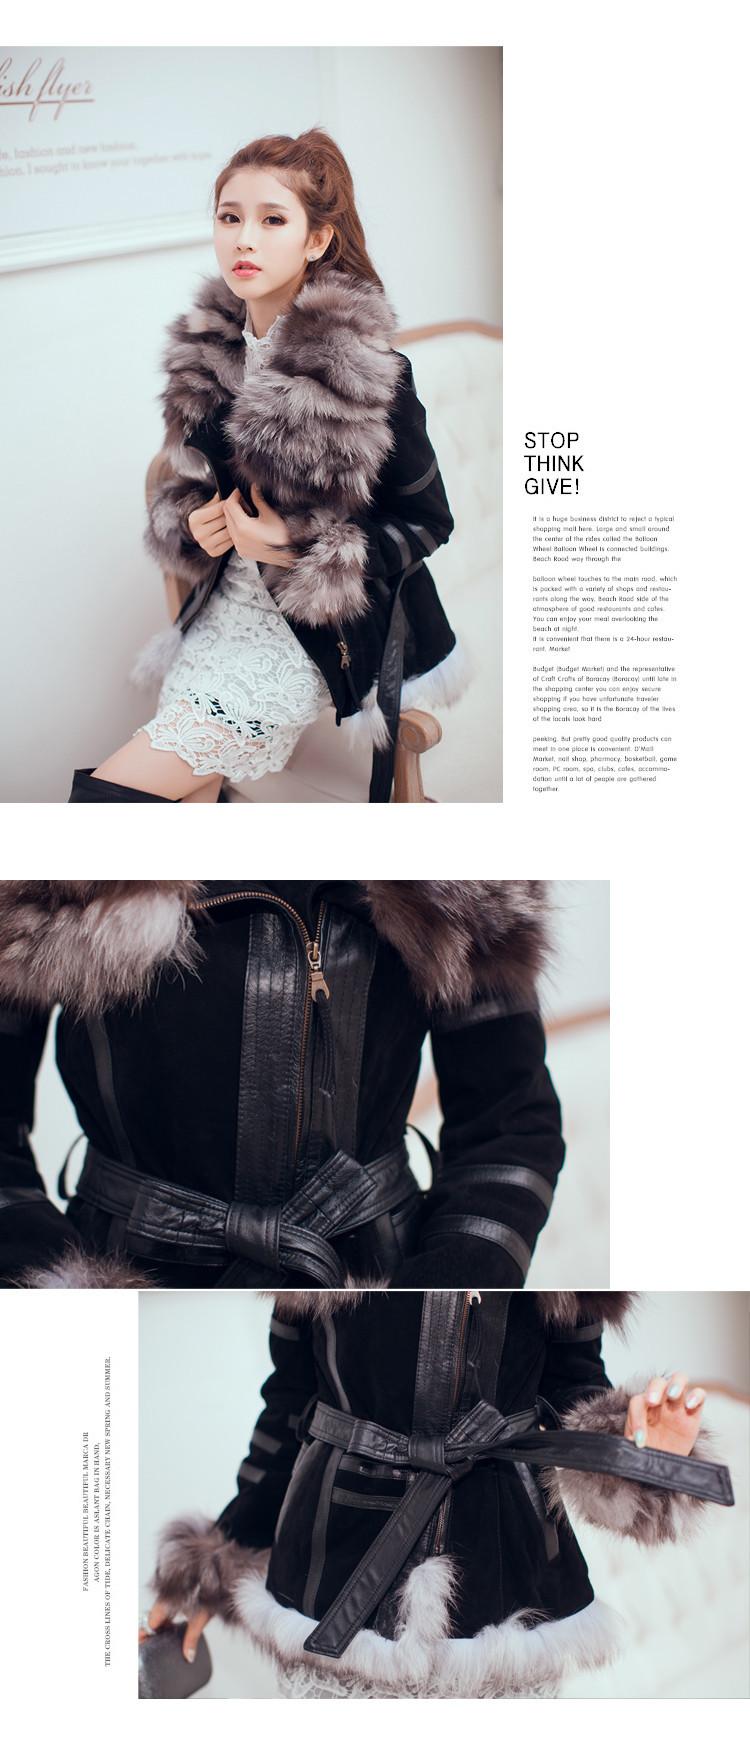 зимой женщин меха пальто куртка woth Лисий воротник overcoat.women Мех Пальто кожа coats.real Мех Пальто для женщин